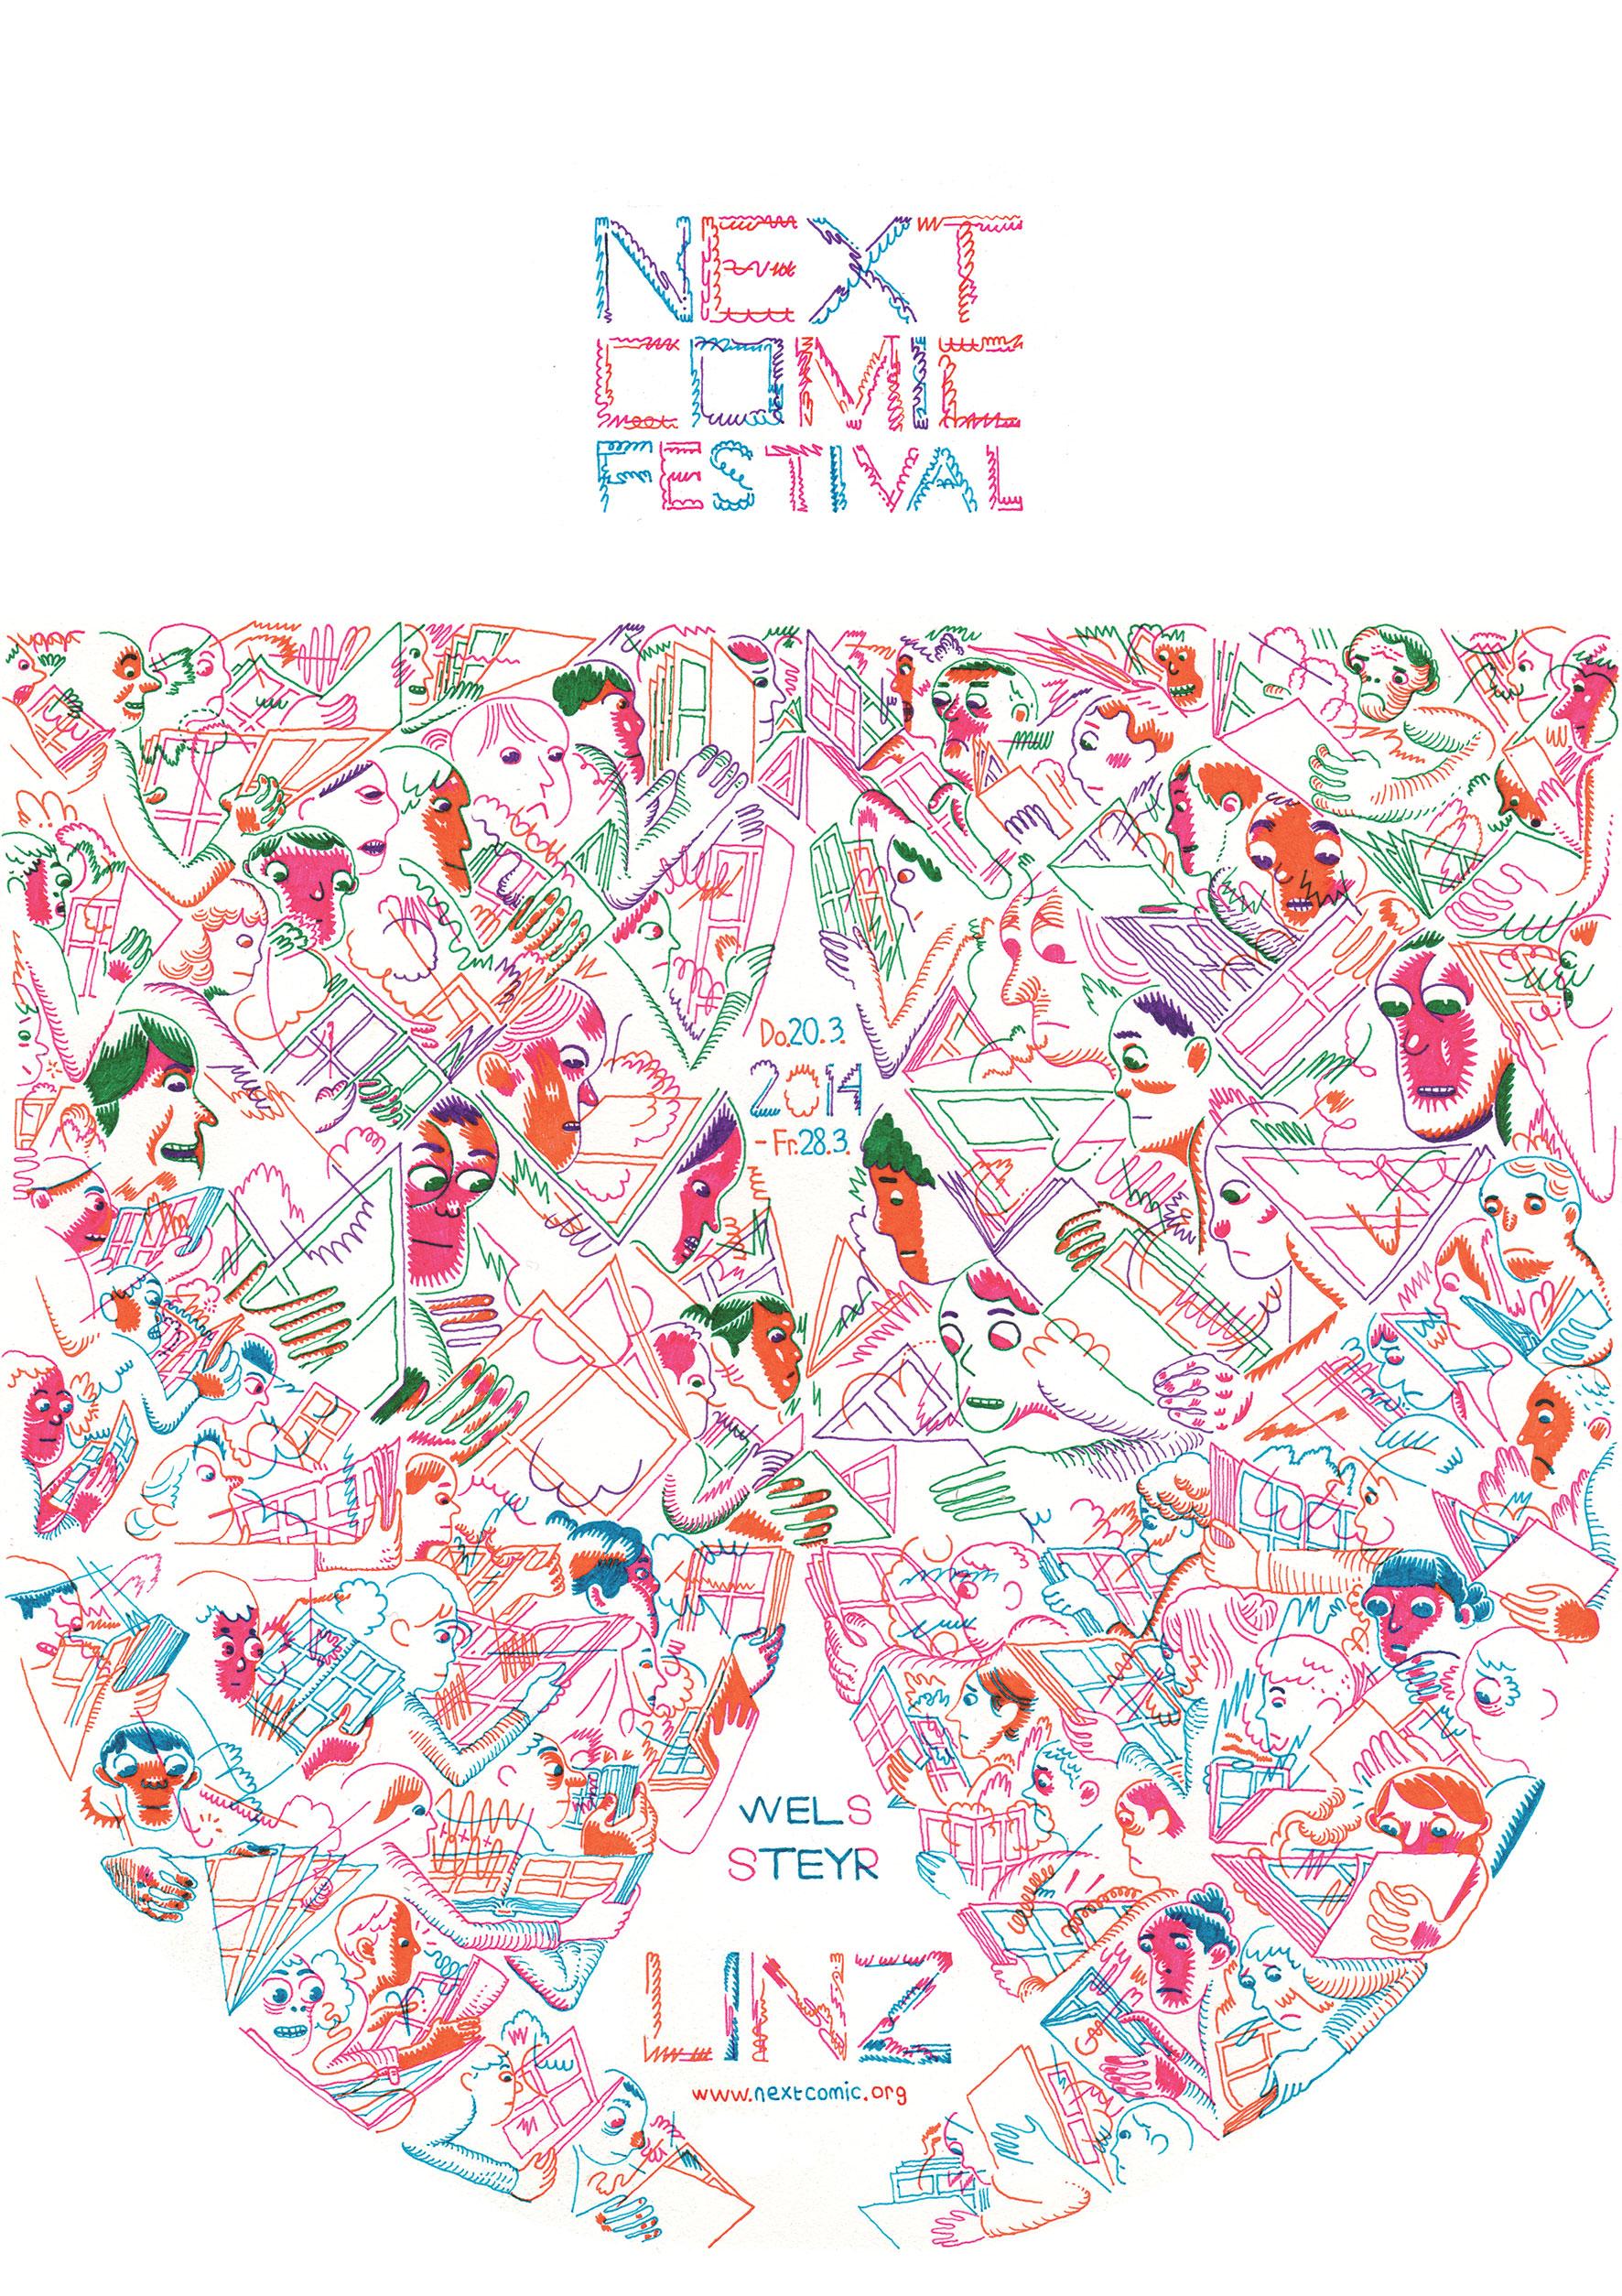 NC-Poster 2014, Josef Lambert